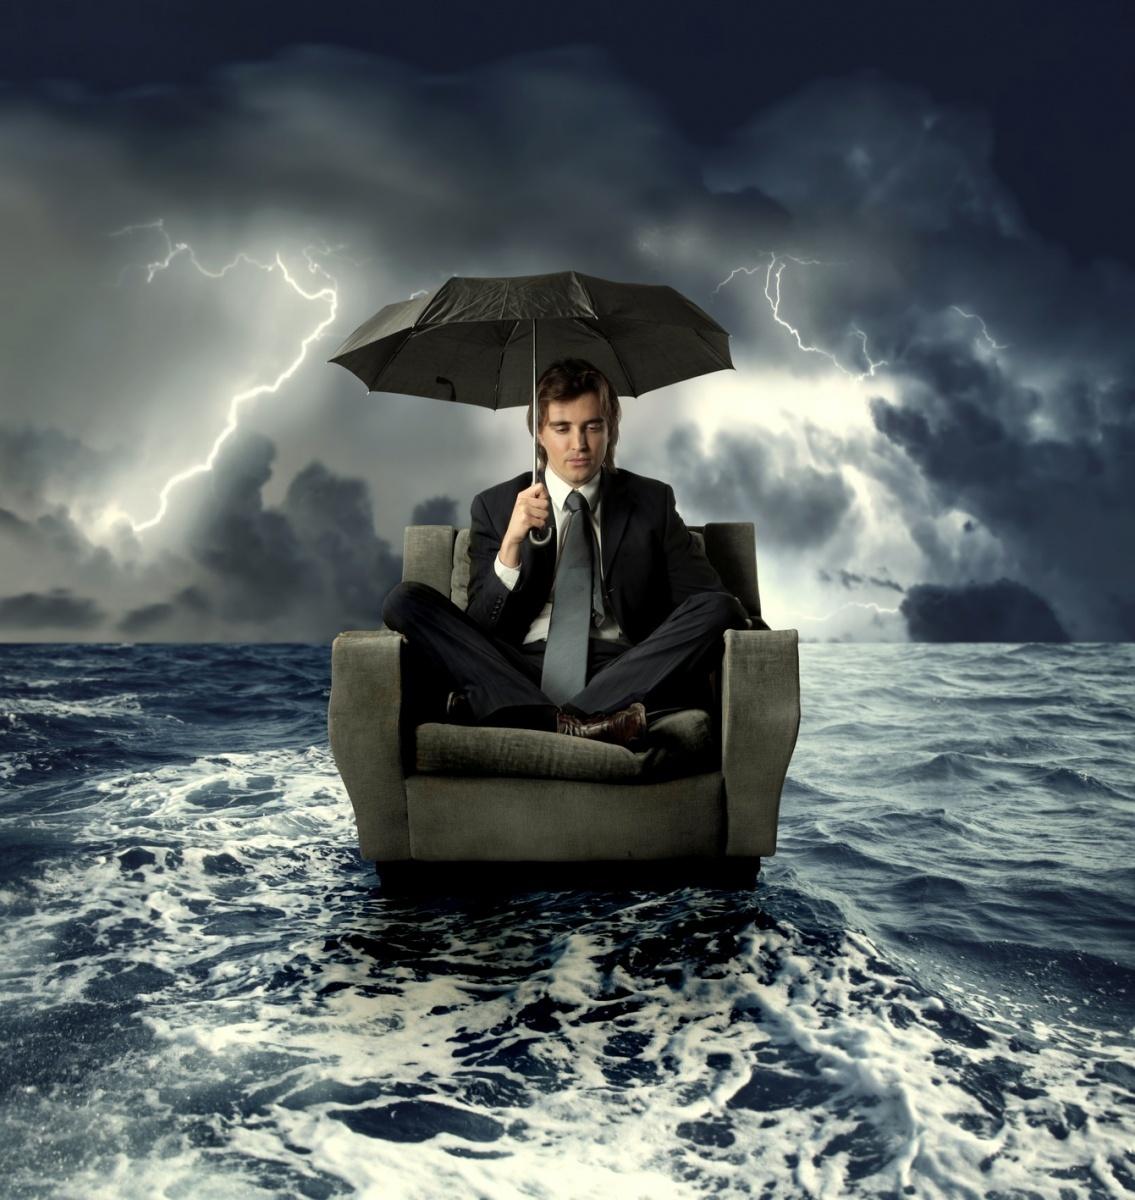 Качественнный растровый клипарт с изображением мужчины в деловом костюме под зонтом во время ливня.